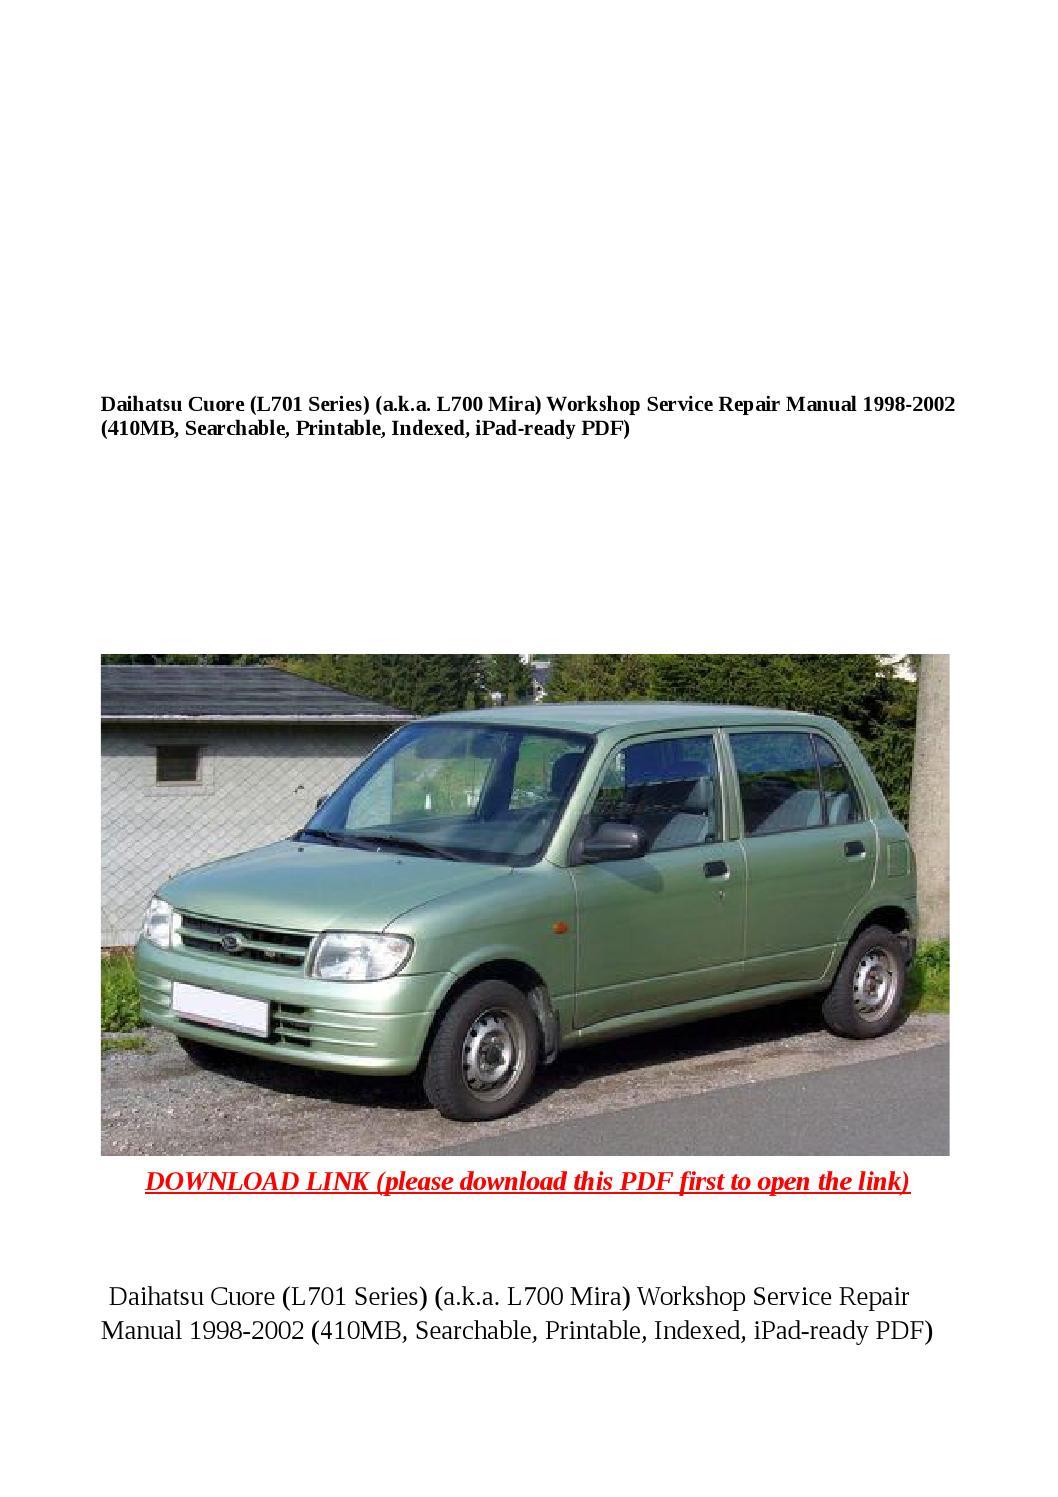 Daihatsu cuore (l701 series) (a k a l700 mira) workshop service repair  manual 1998 2002 (410mb, sear by buhbu - issuu